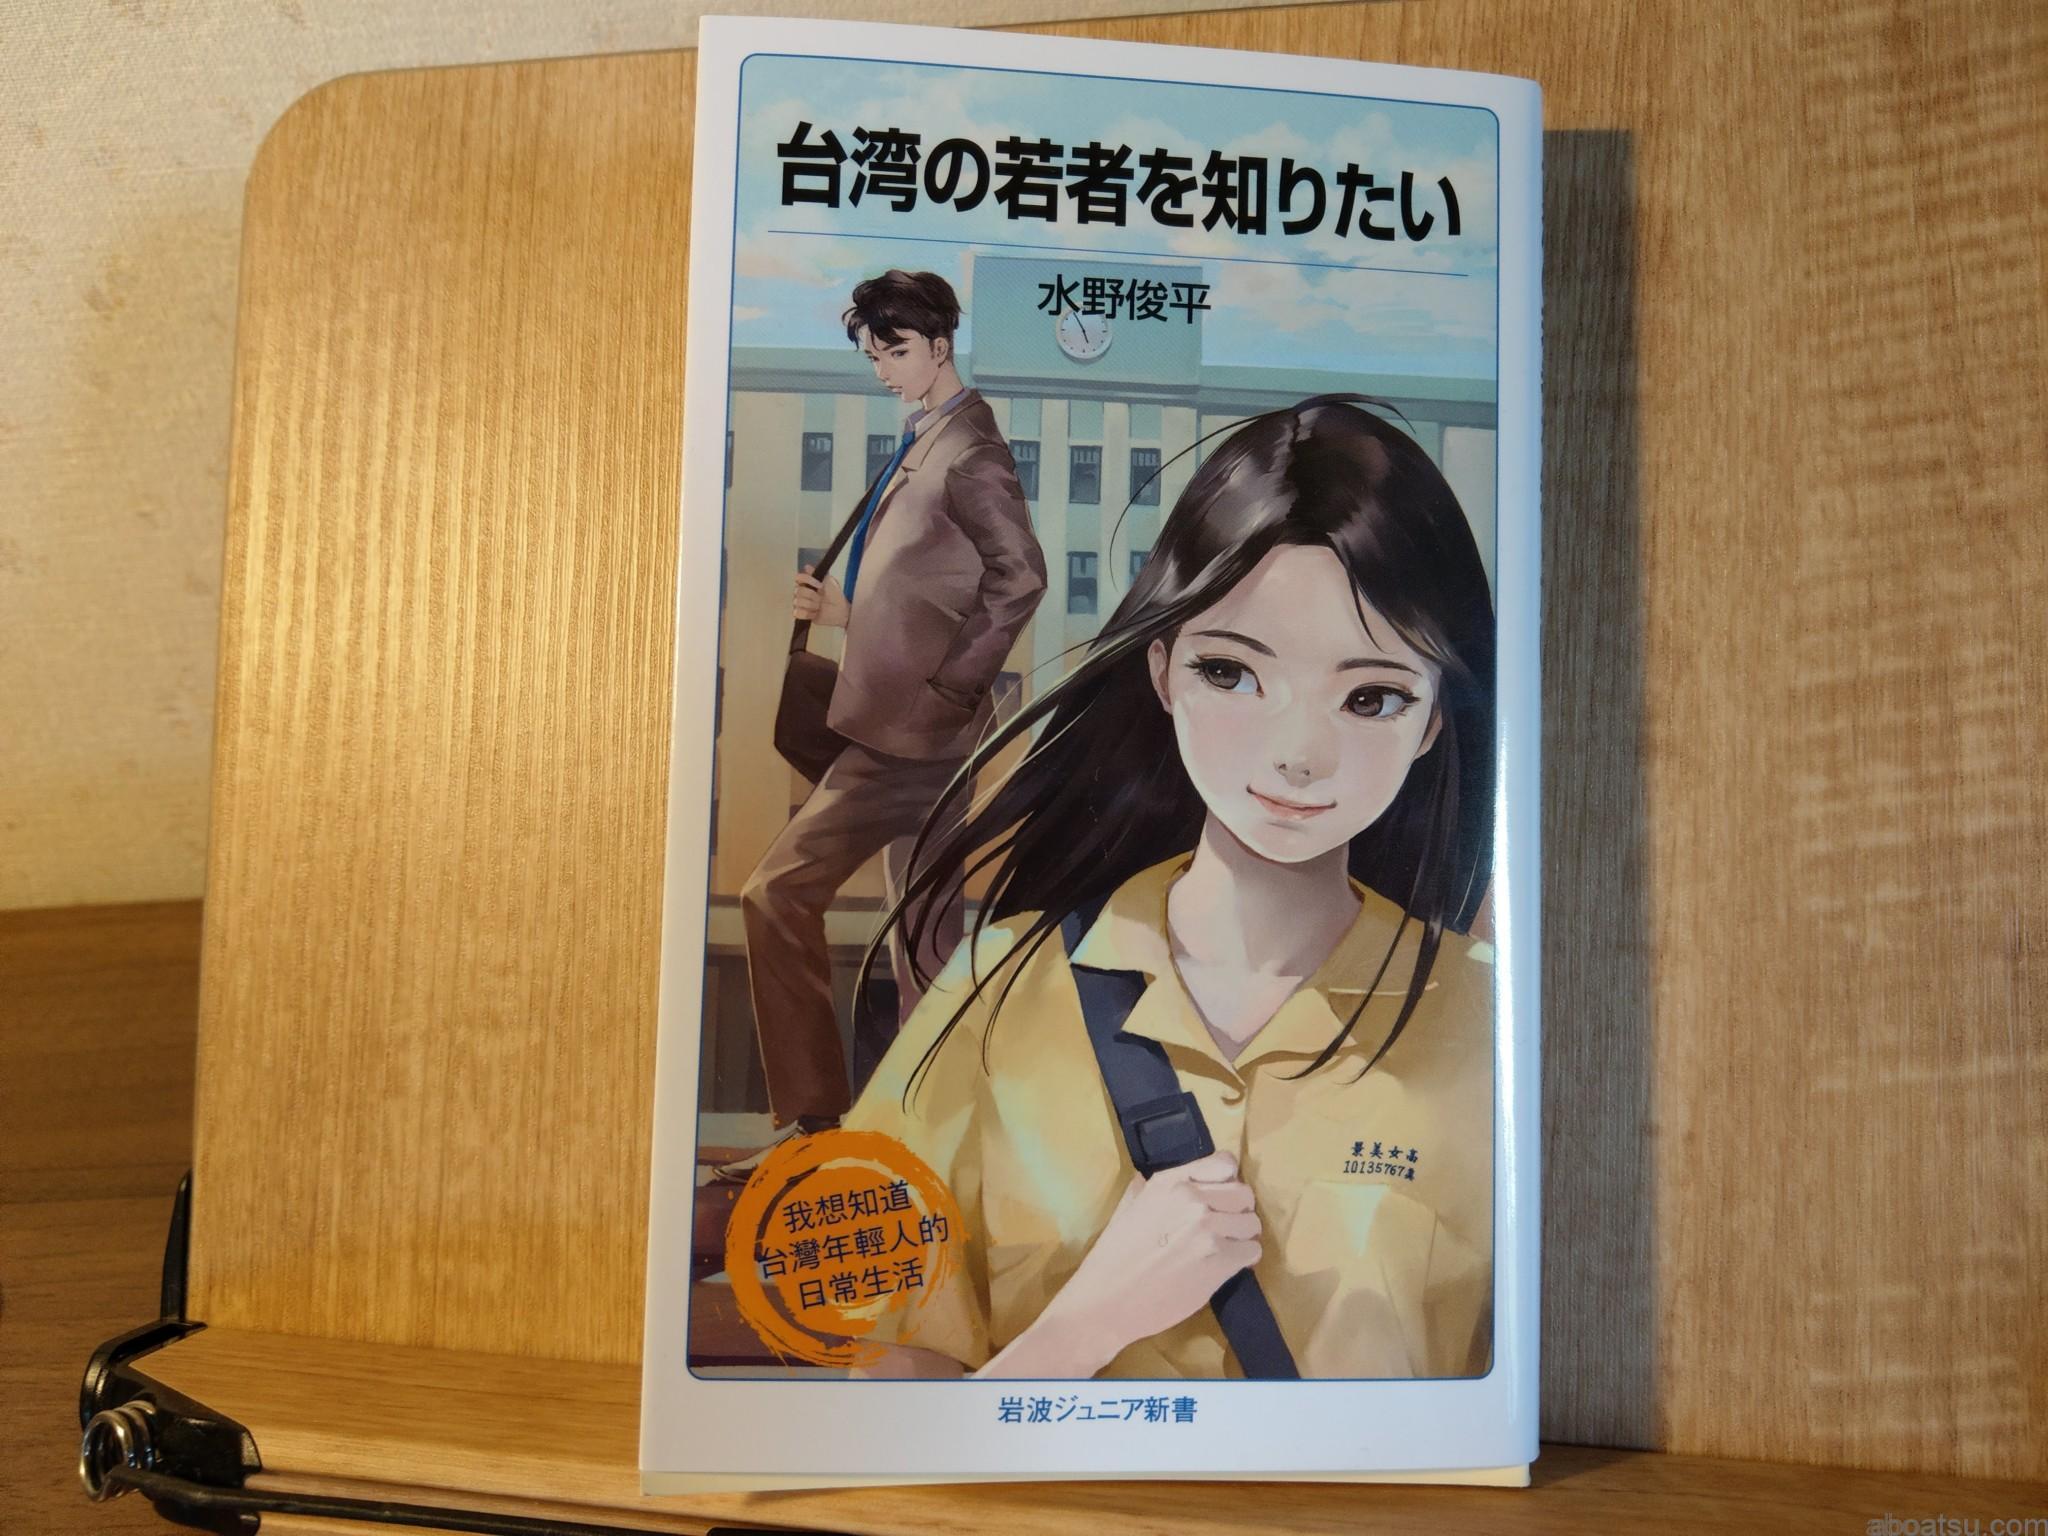 台湾人からみた日本人を知ろう【台湾の若者を知りたい】